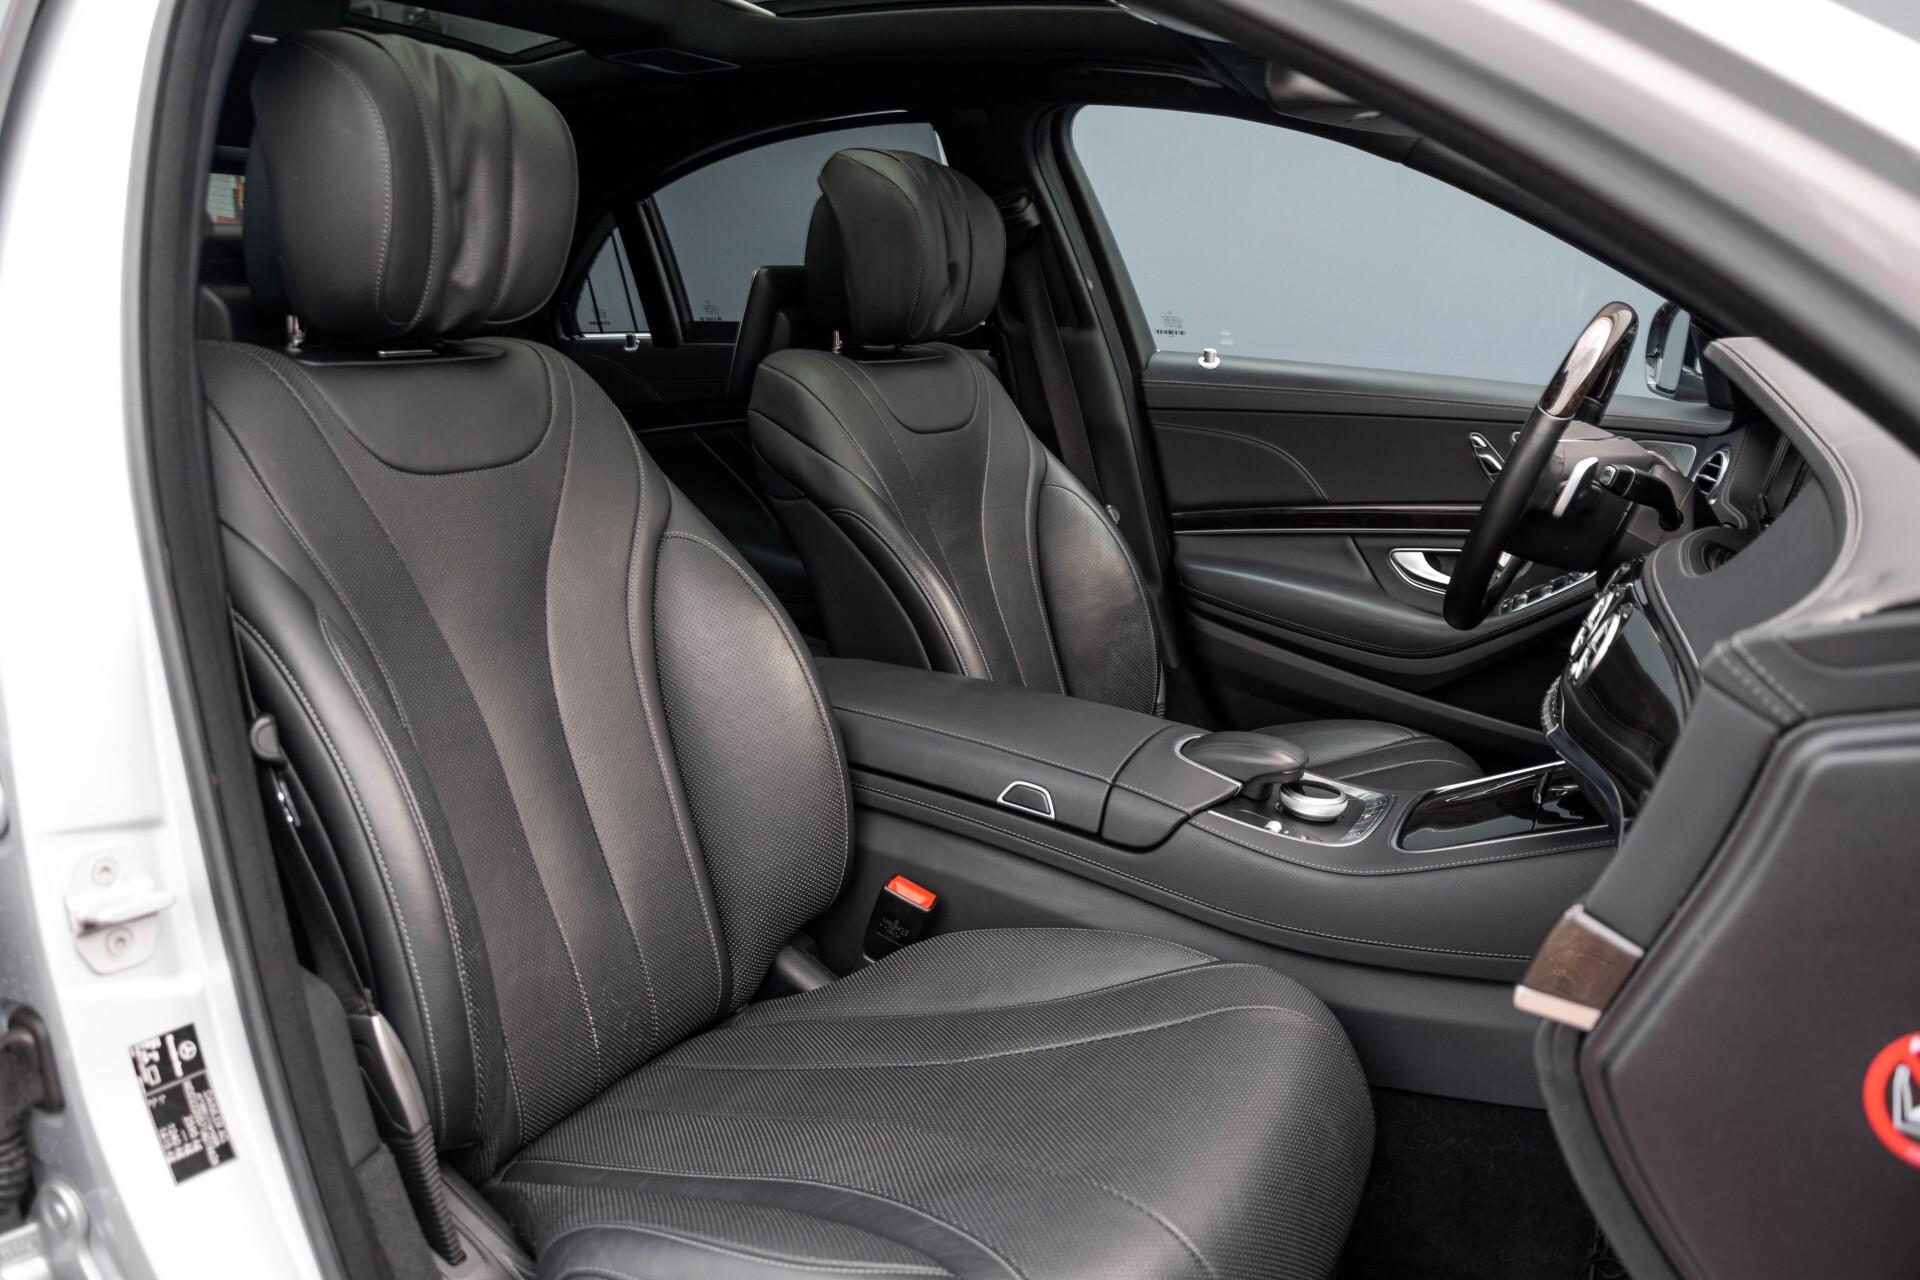 Mercedes-Benz S-Klasse 400 Hybrid AMG Entertainment/Rij-assistentie/Panorama Aut7 Foto 3